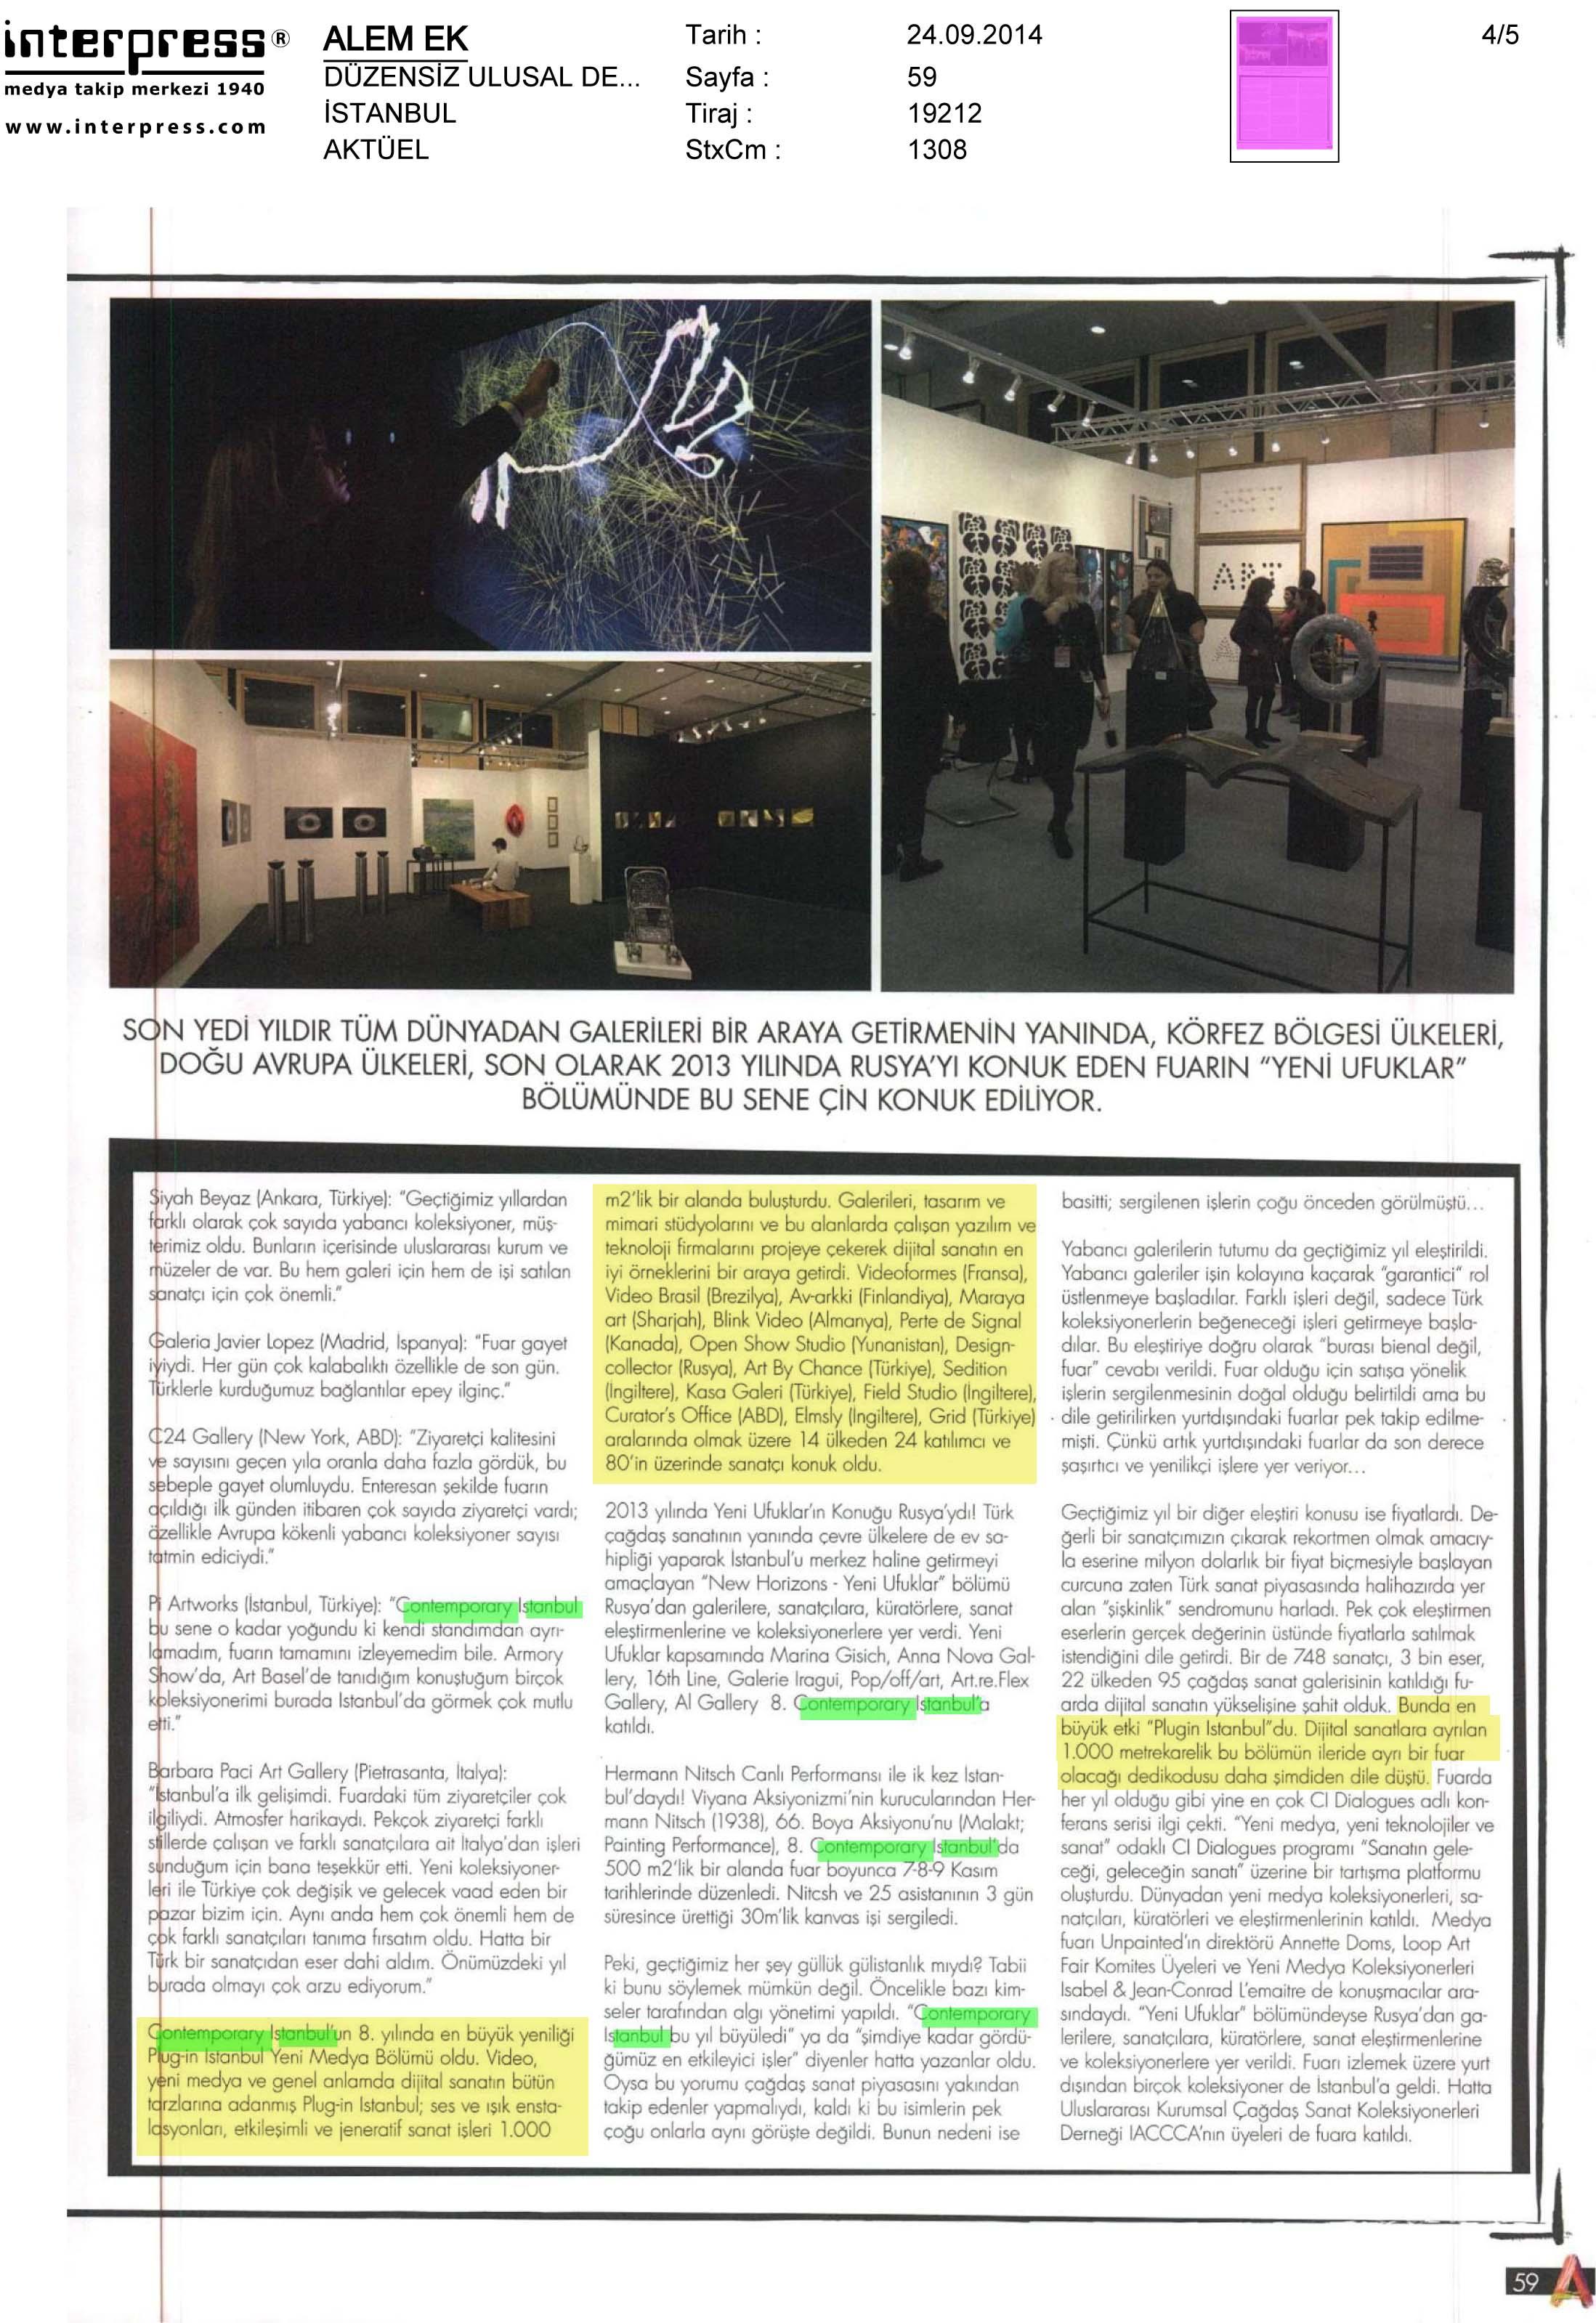 Alem Ek - Düzensiz Ulusal Dergi 24-09-3.jpg